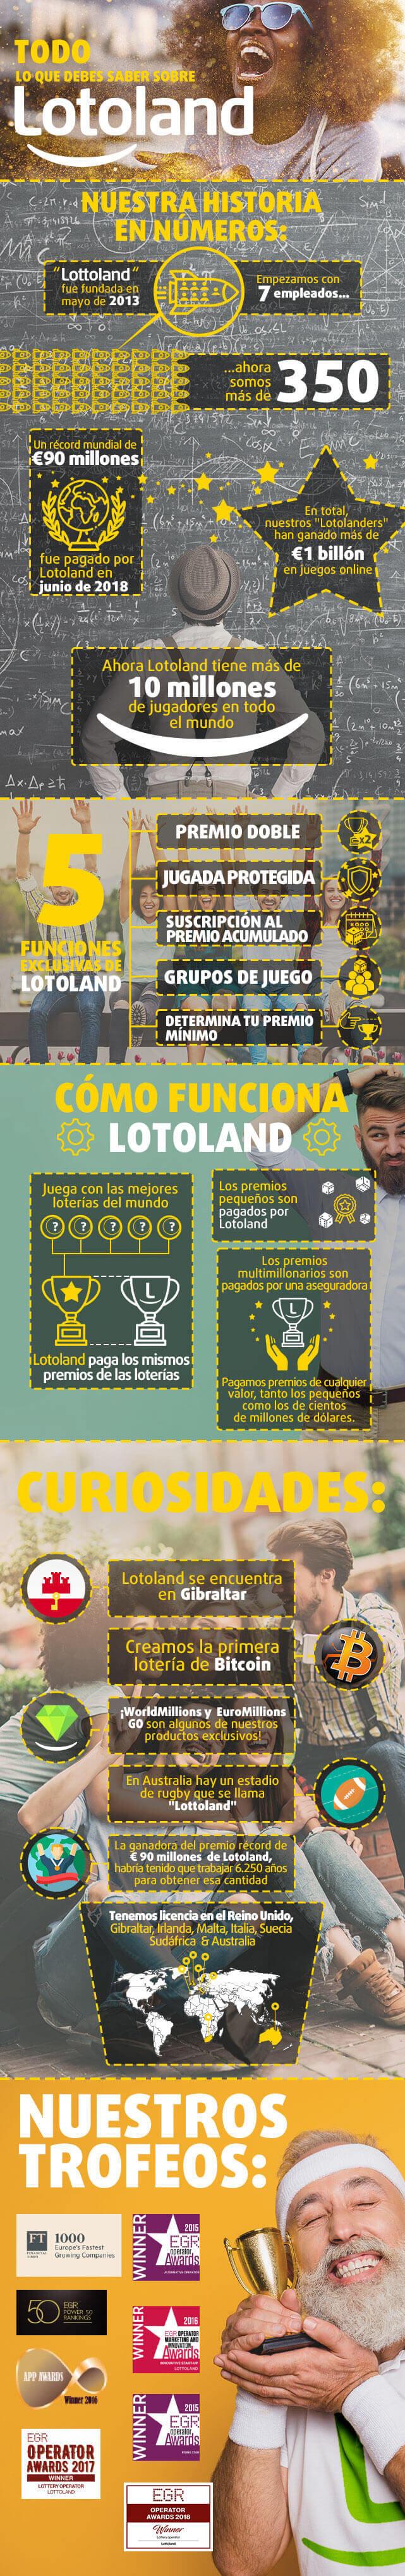 Infografía sobre la historia de Lotoland y sus premios